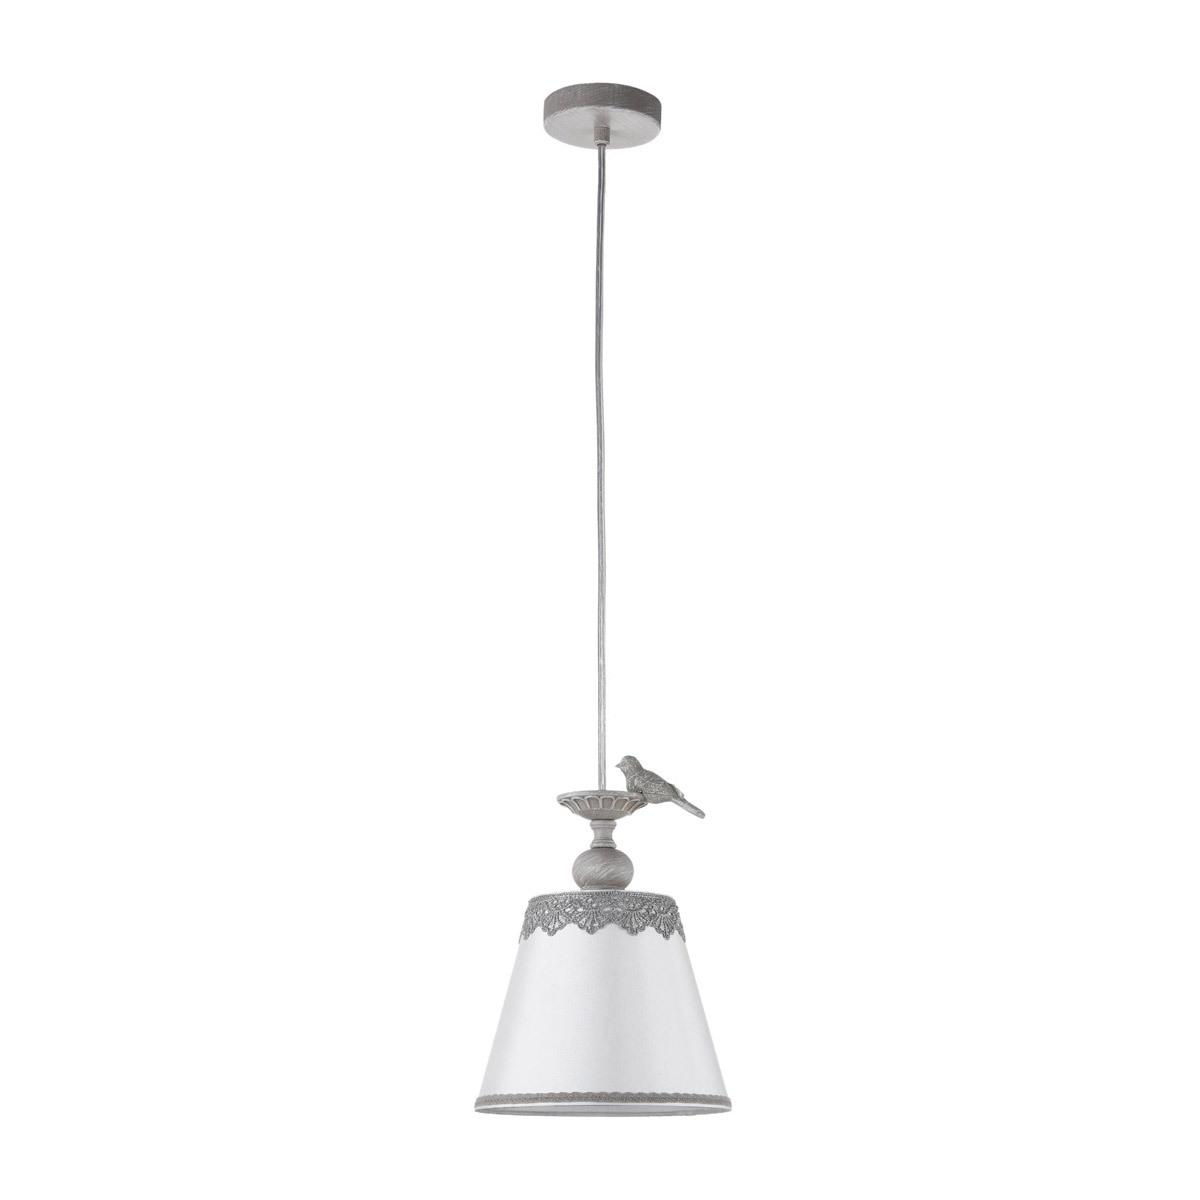 Потолочный светильник Maytoni Bouquet ARM023-PL-01-S, E14, 40 Вт